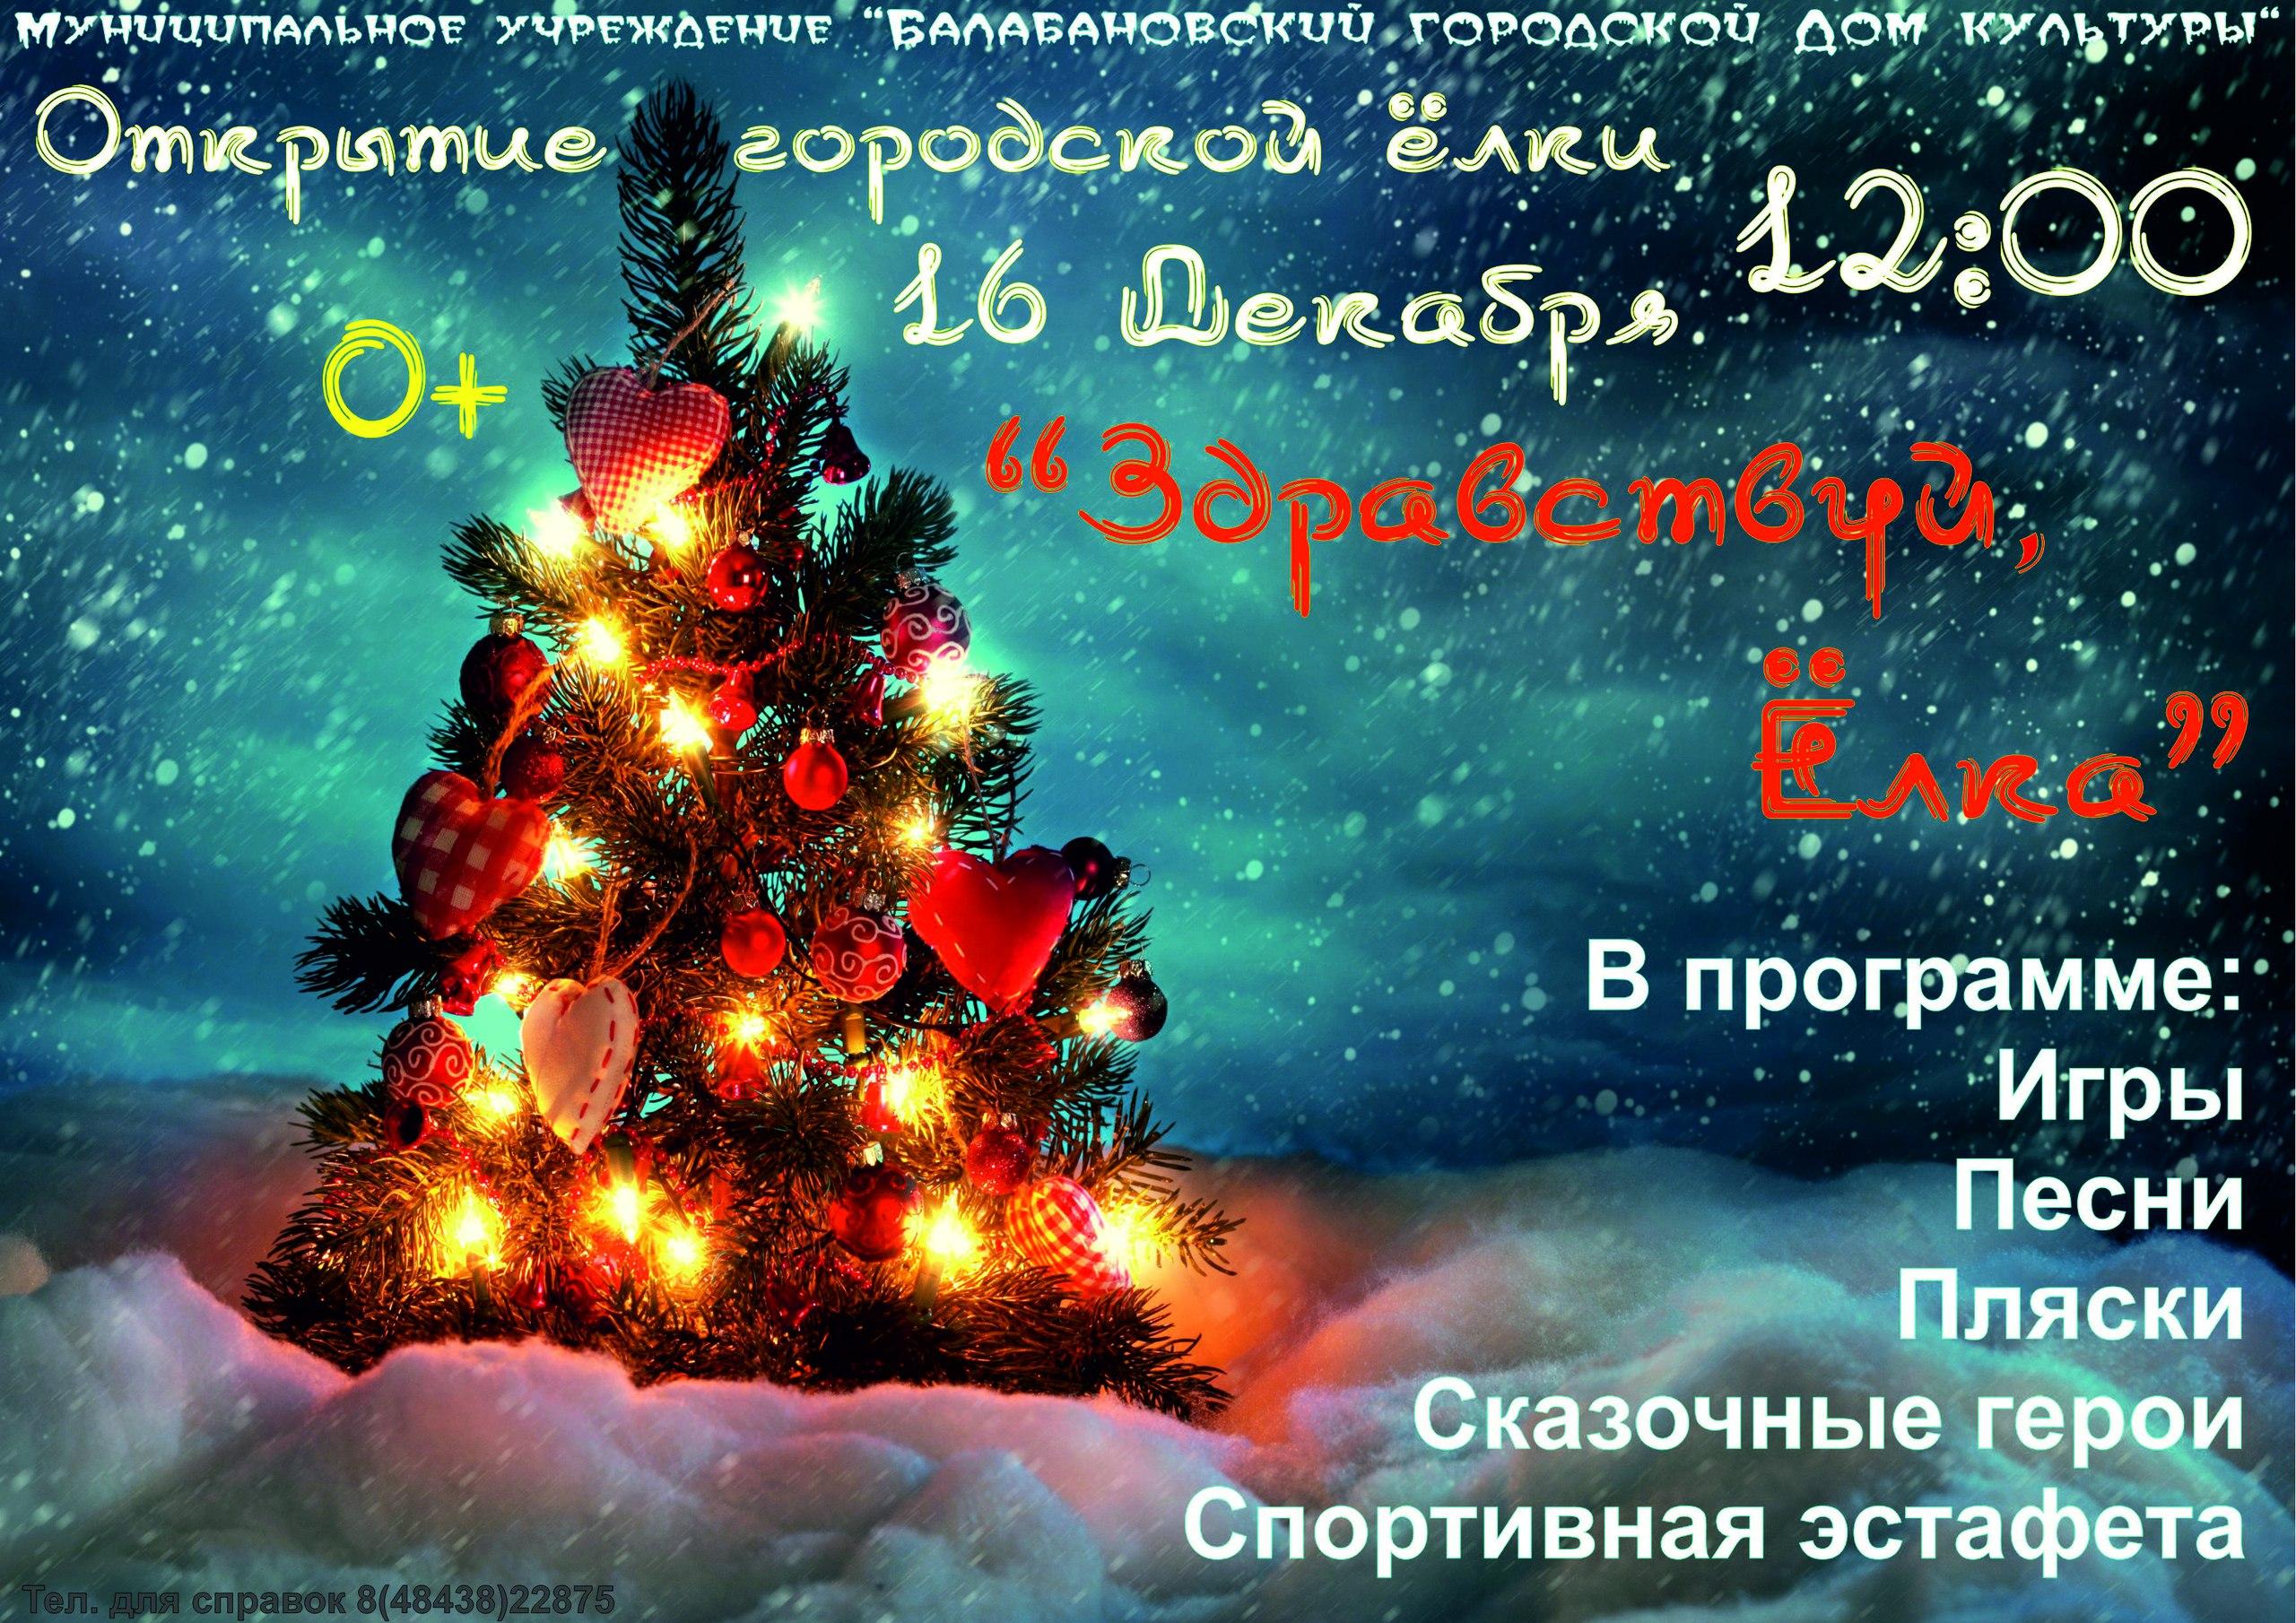 Главную городскую ёлку откроют 16 декабря на площади у Дома культуры